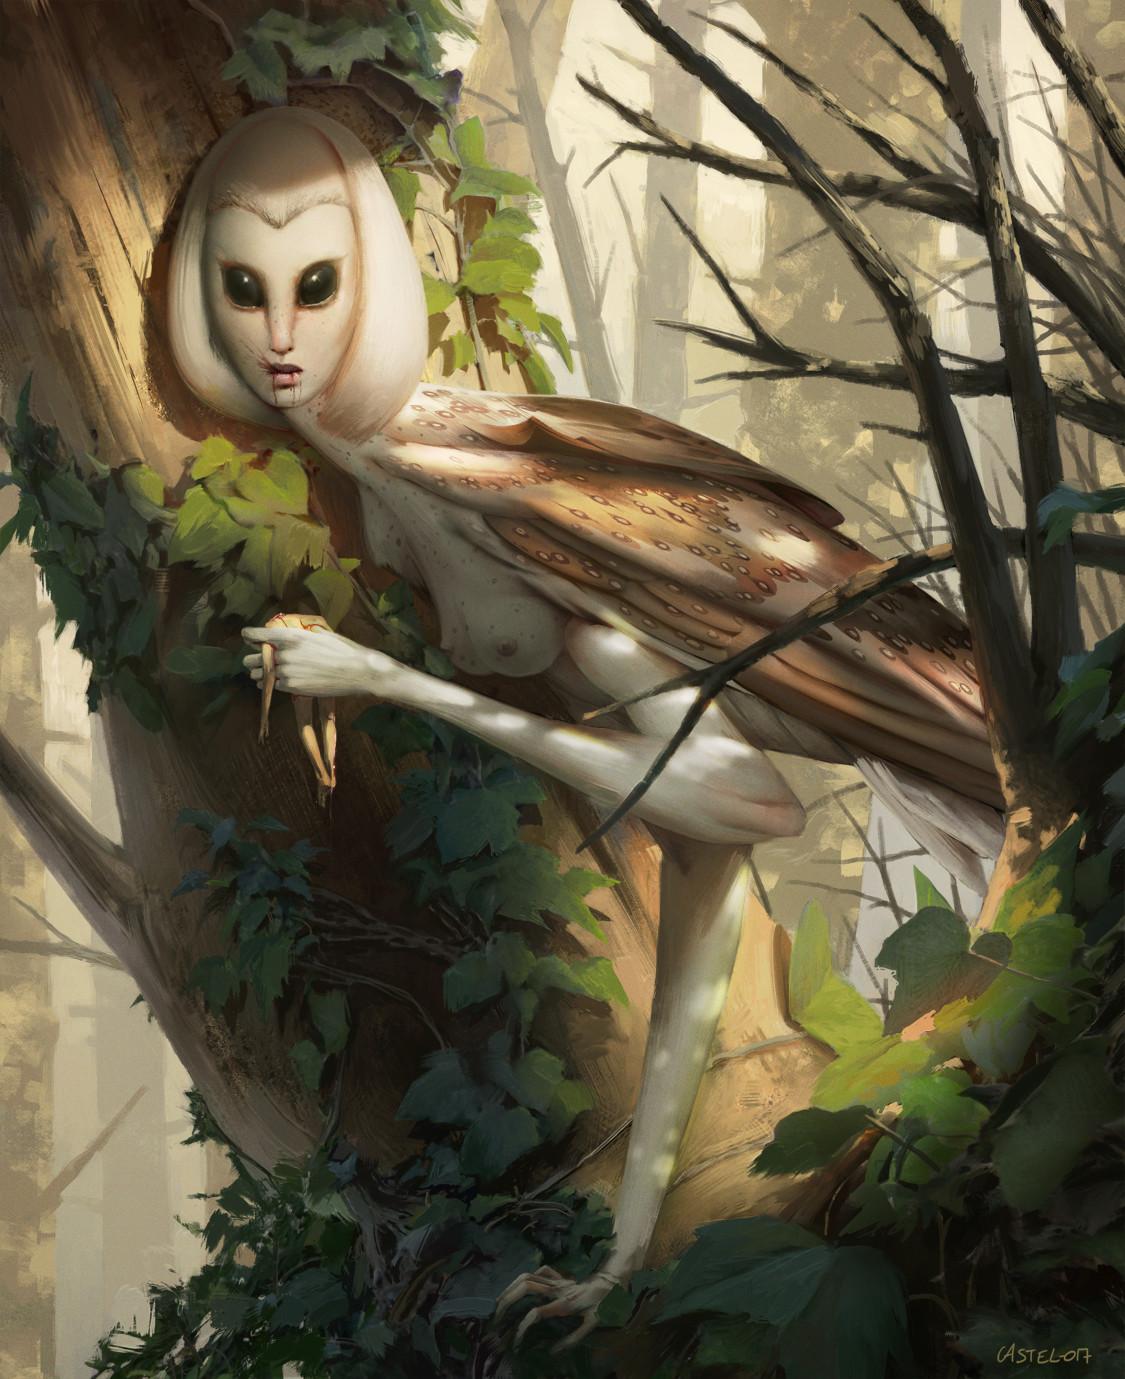 Quentin castel lady owl